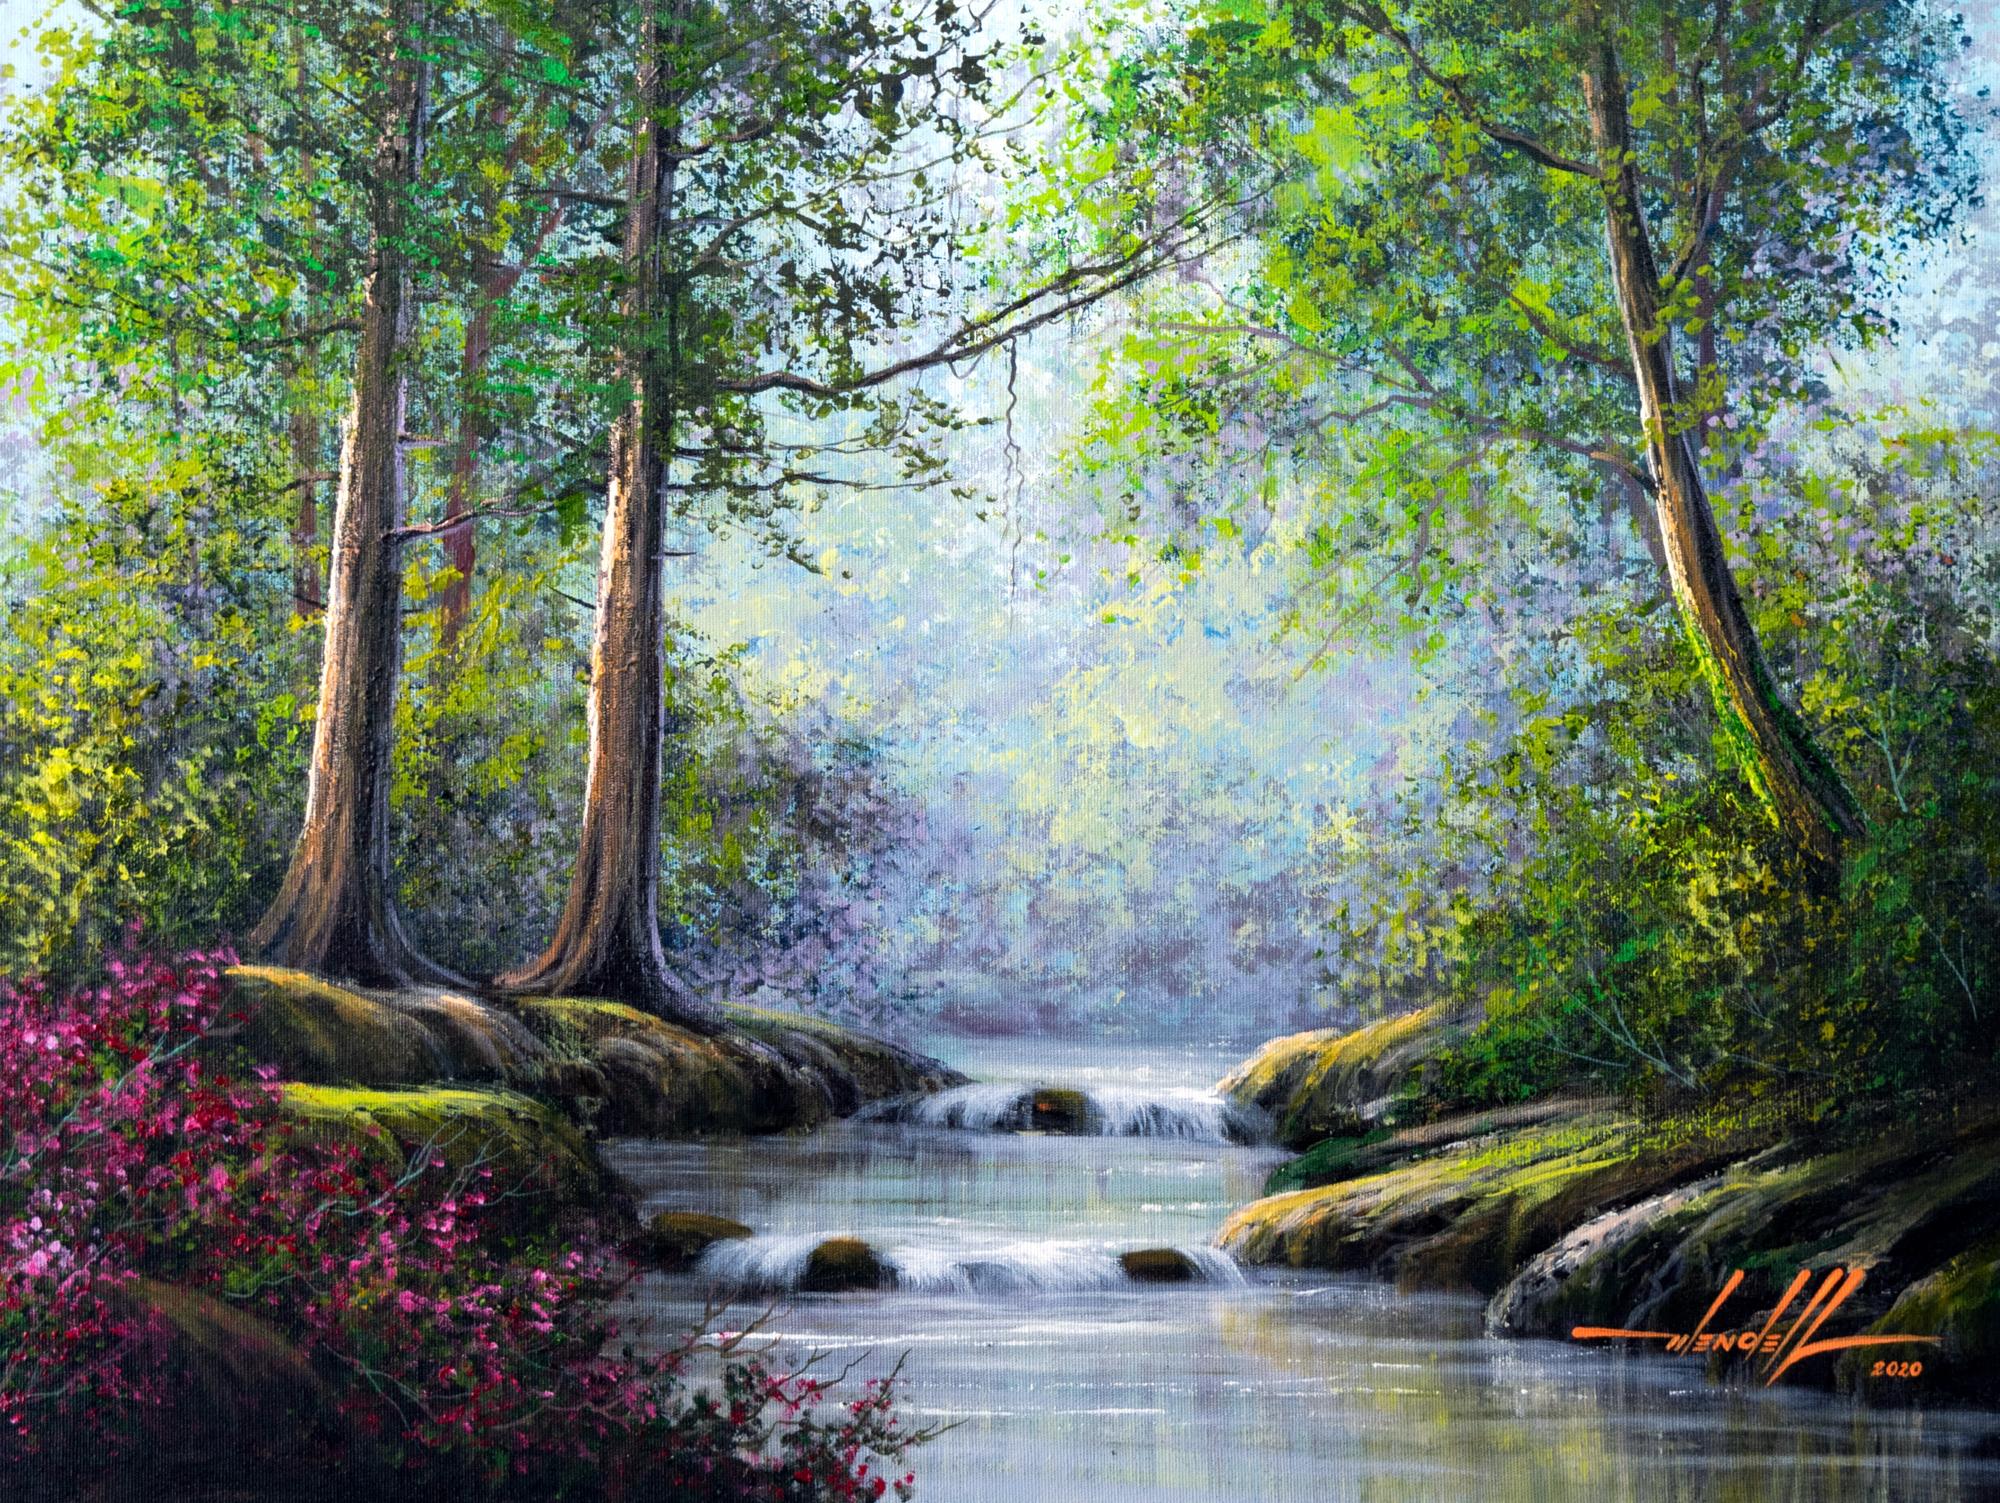 Pintura De Riacho Em Tinta Oleo sobre Te